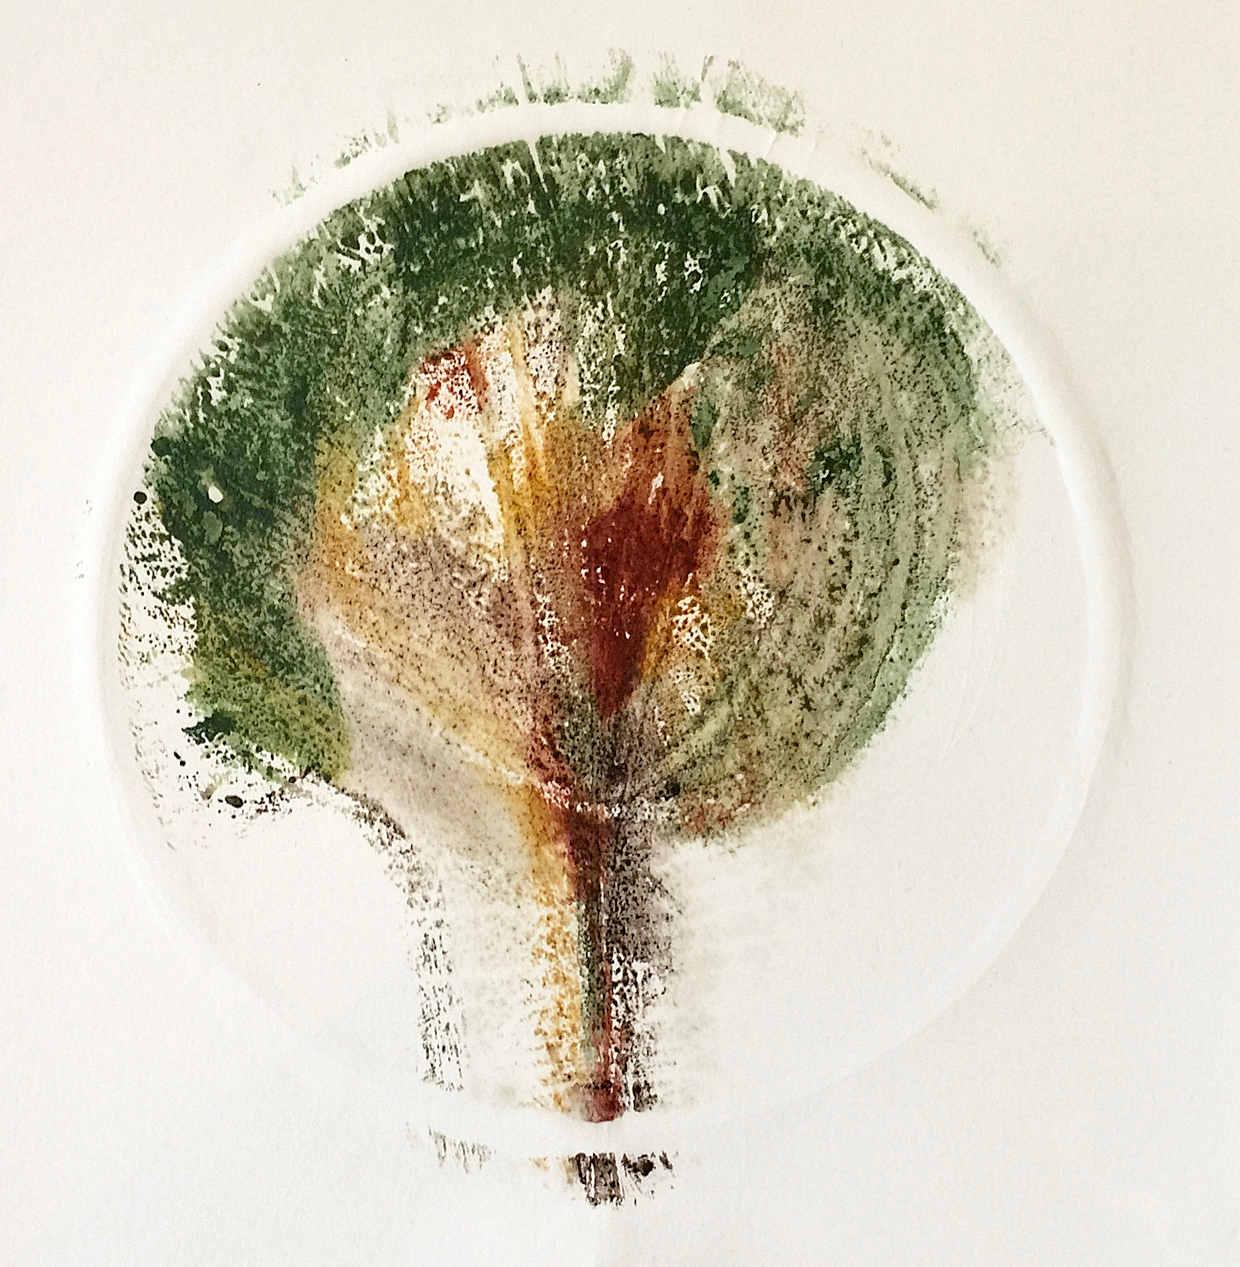 Baum4 - Papierarbeit von Eva Doelker-Heim